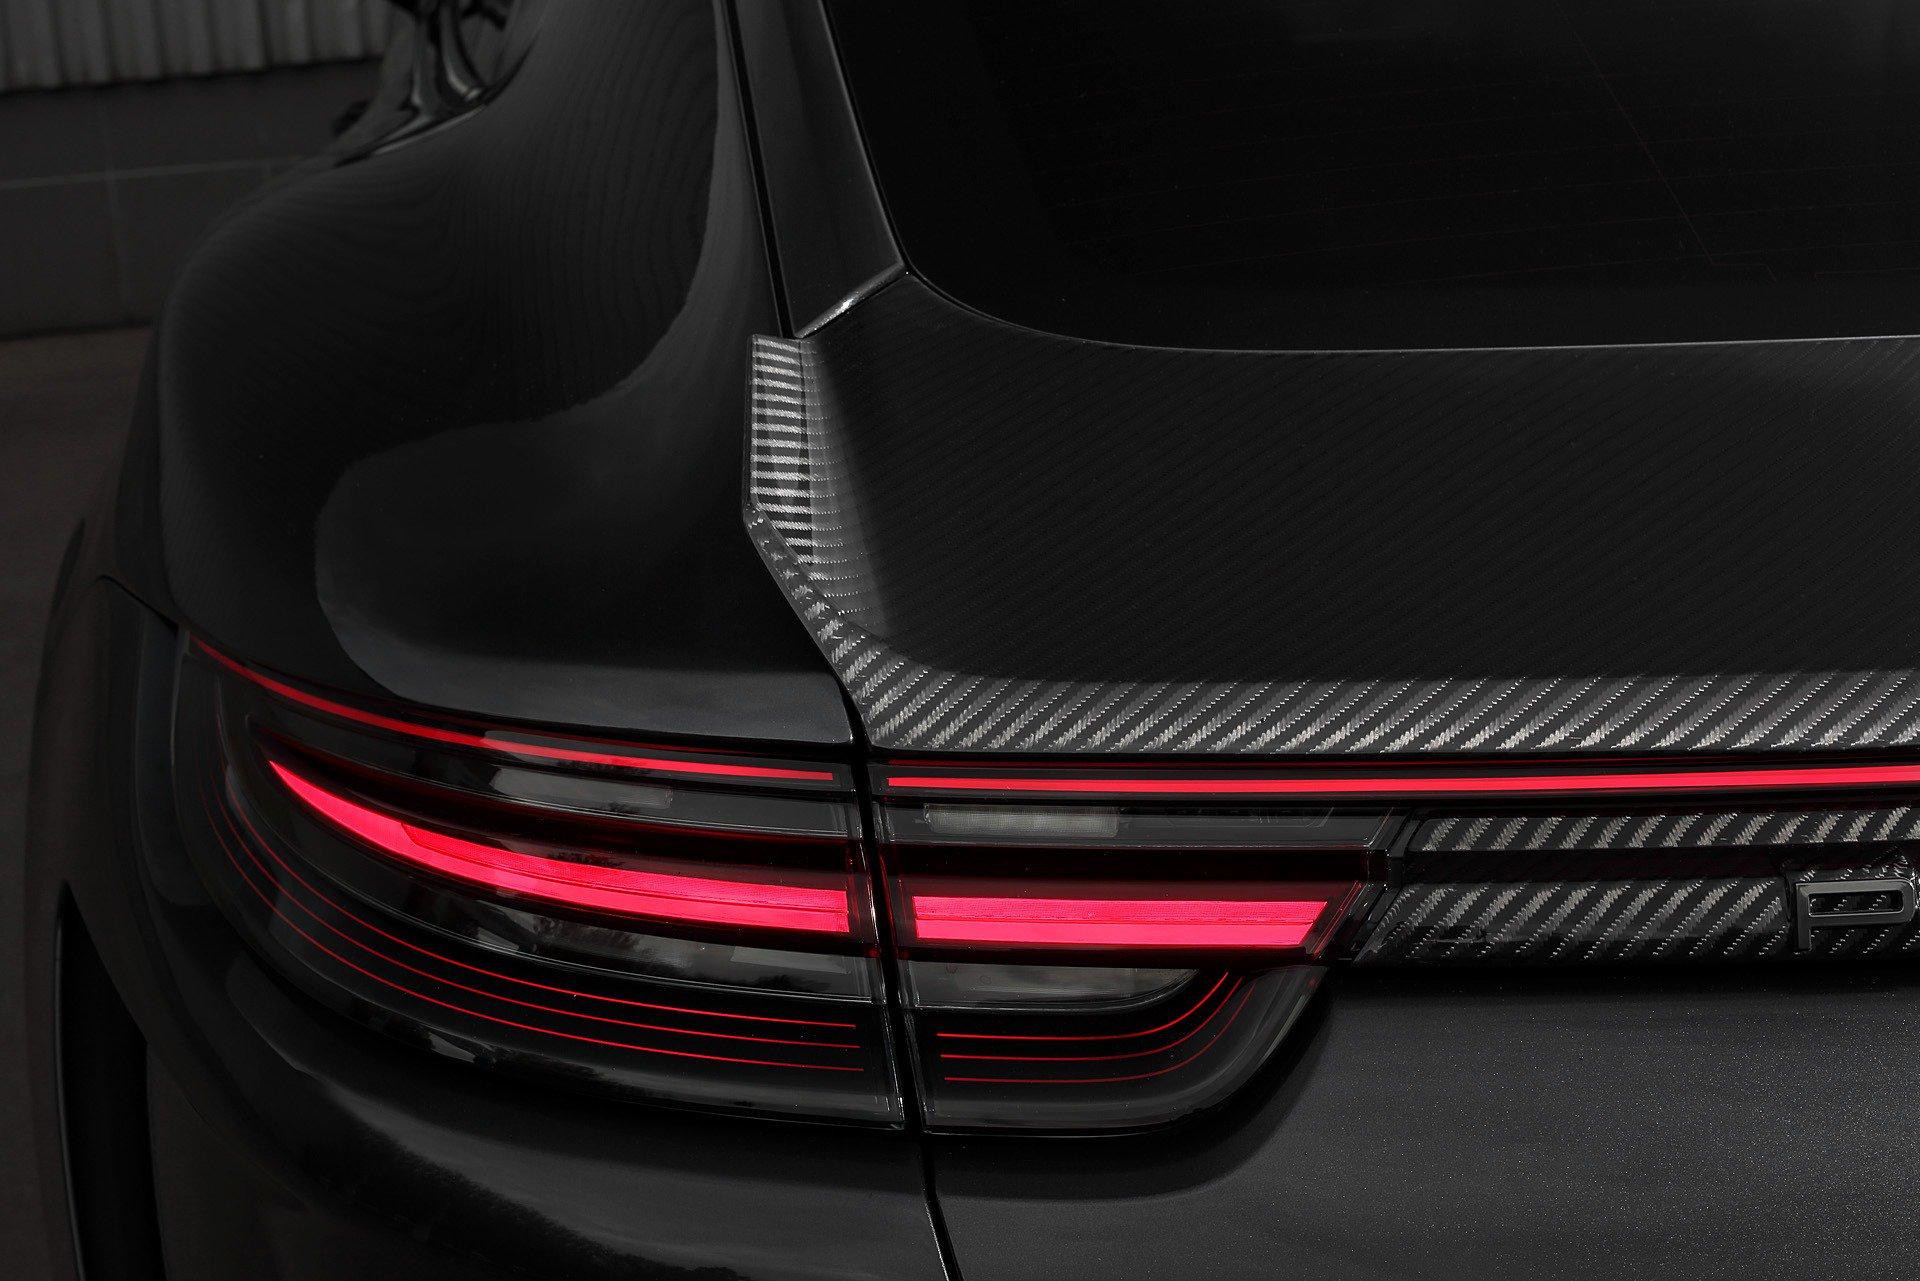 Porsche-Panamera-LWB-by-TopCar-15